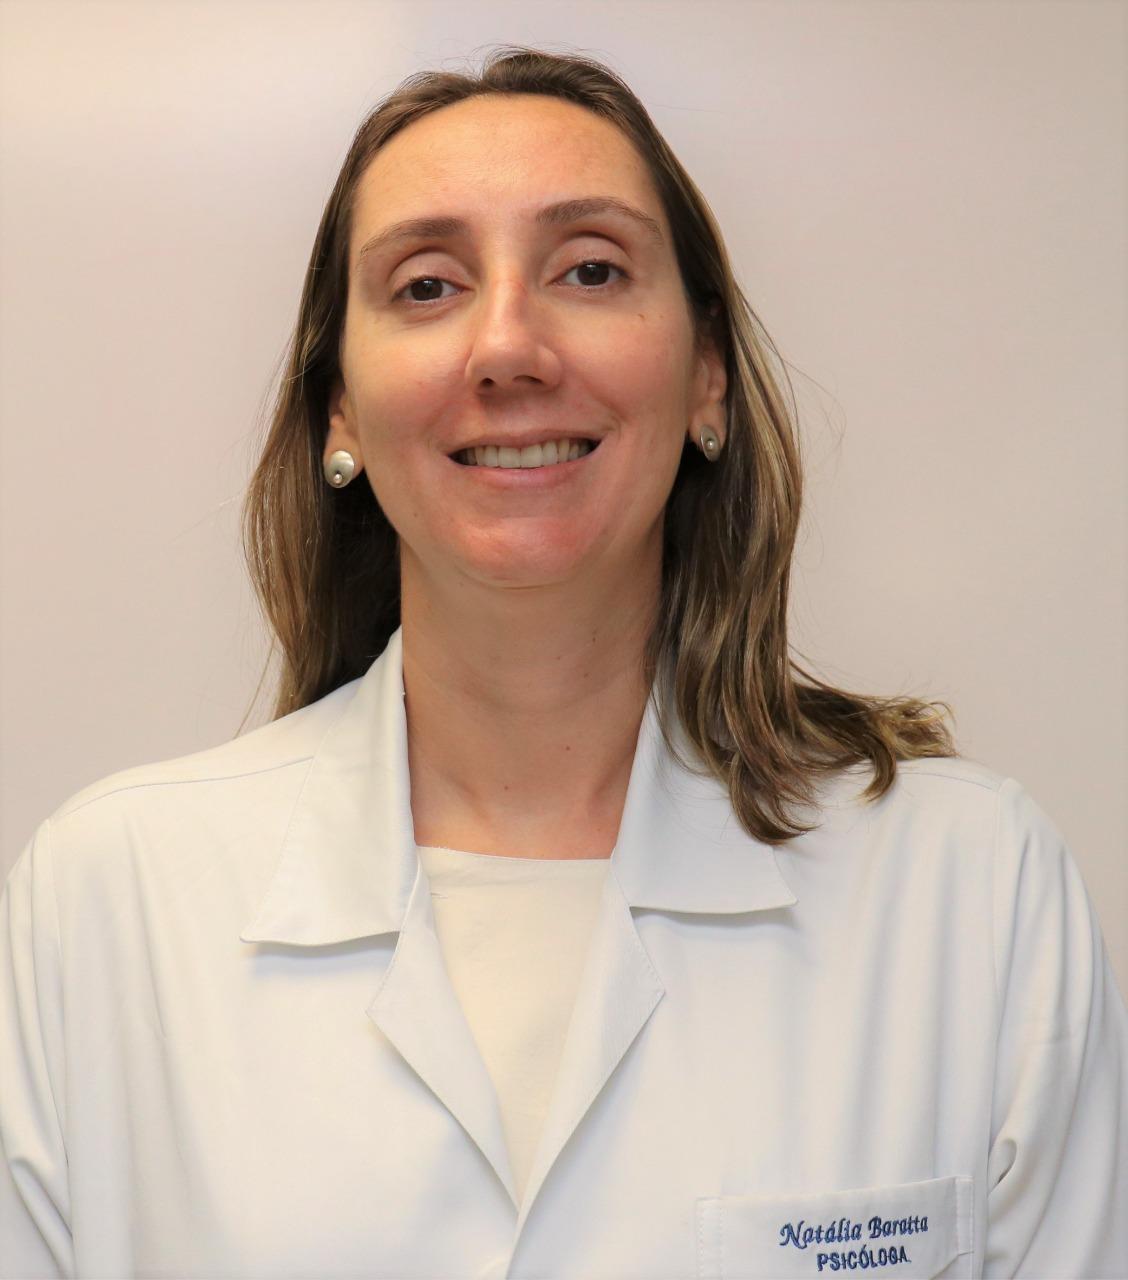 Natalia Gil, psico-oncologista e coordenadora do serviço de psicologia de rede de clínicas oncológicas no Rio de Janeiro.